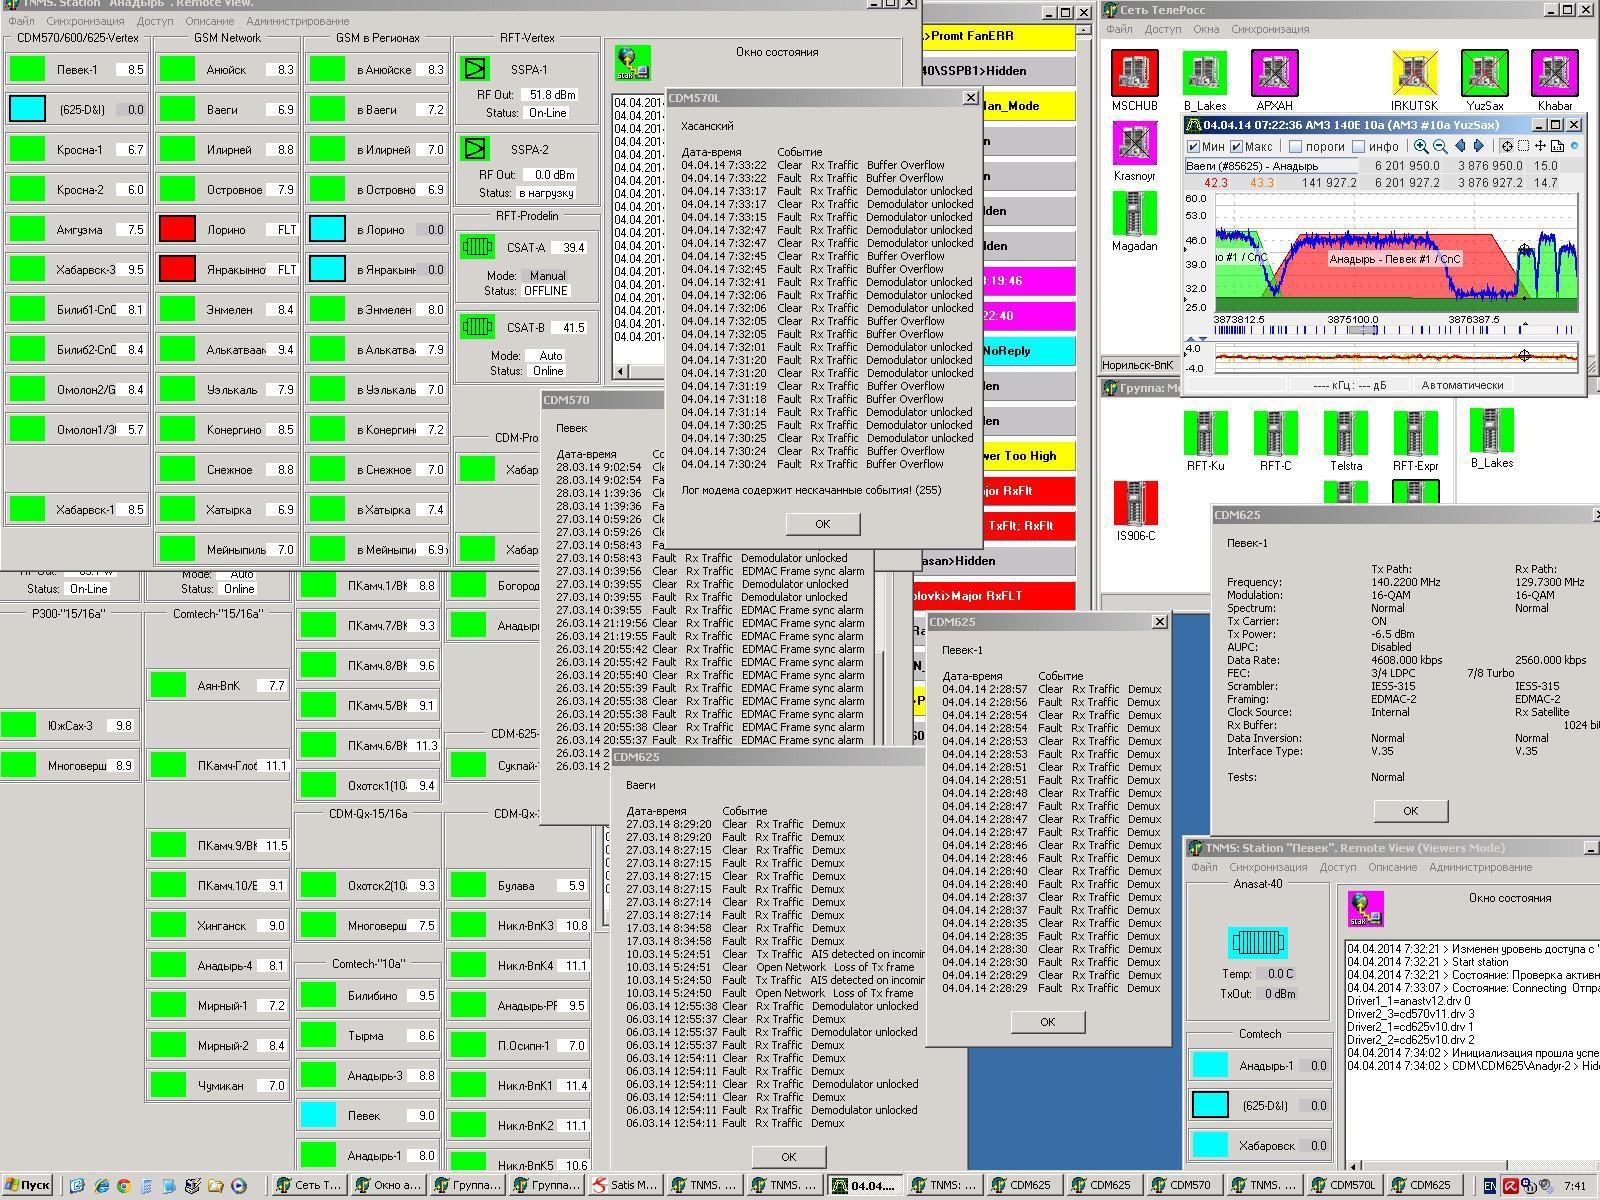 Аппаратный зал (про инфраструктуру спутниковой сети и осциллограф) - 40